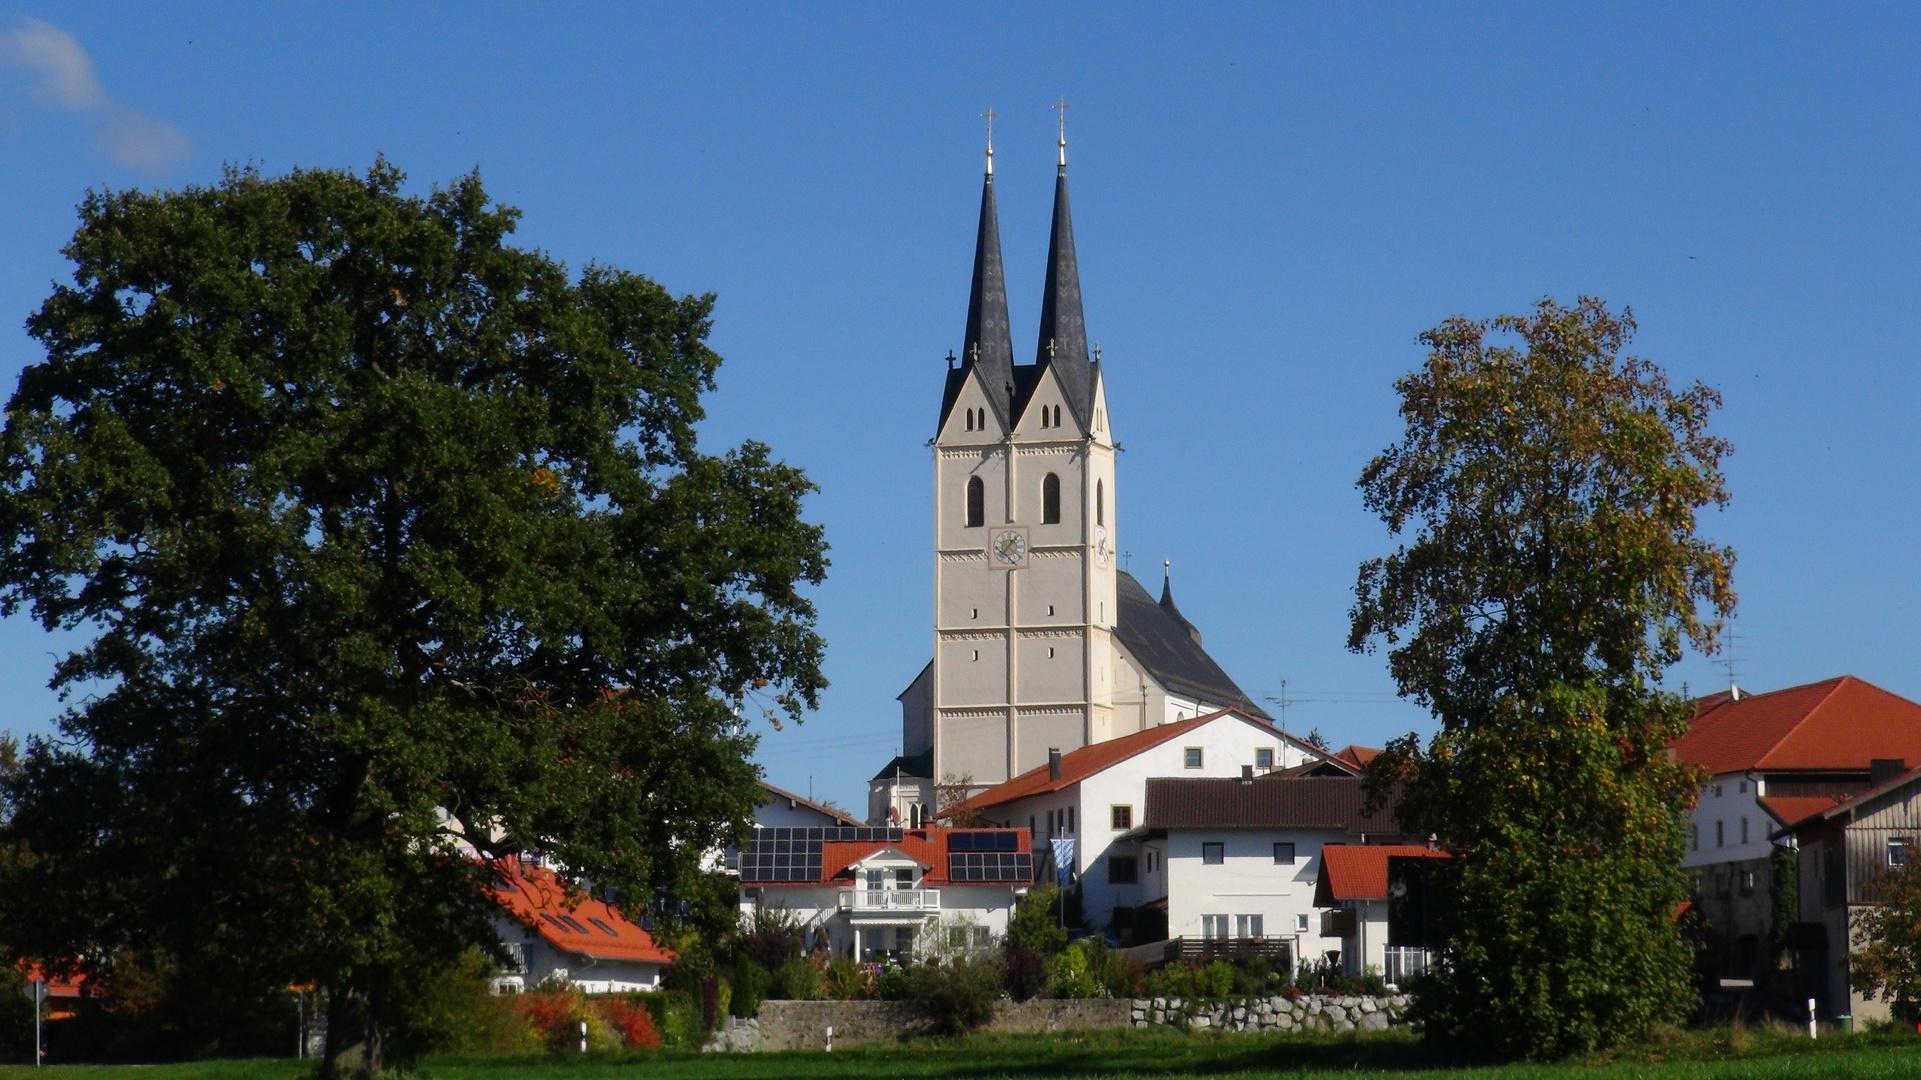 Tuntenhausen im Herbst